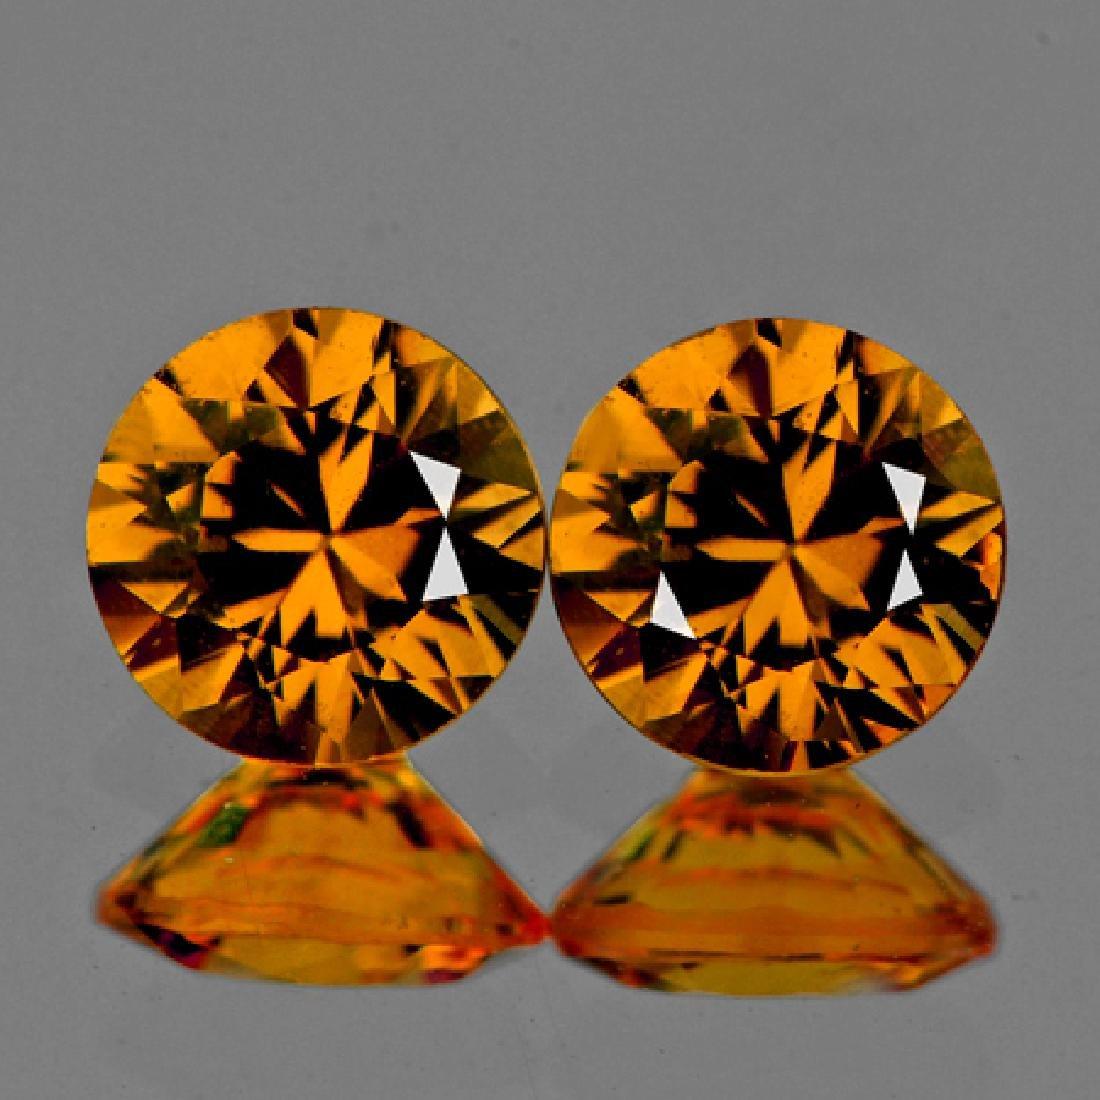 Natural Golden Yellow Sapphire Pair 5.00 MM - VVS